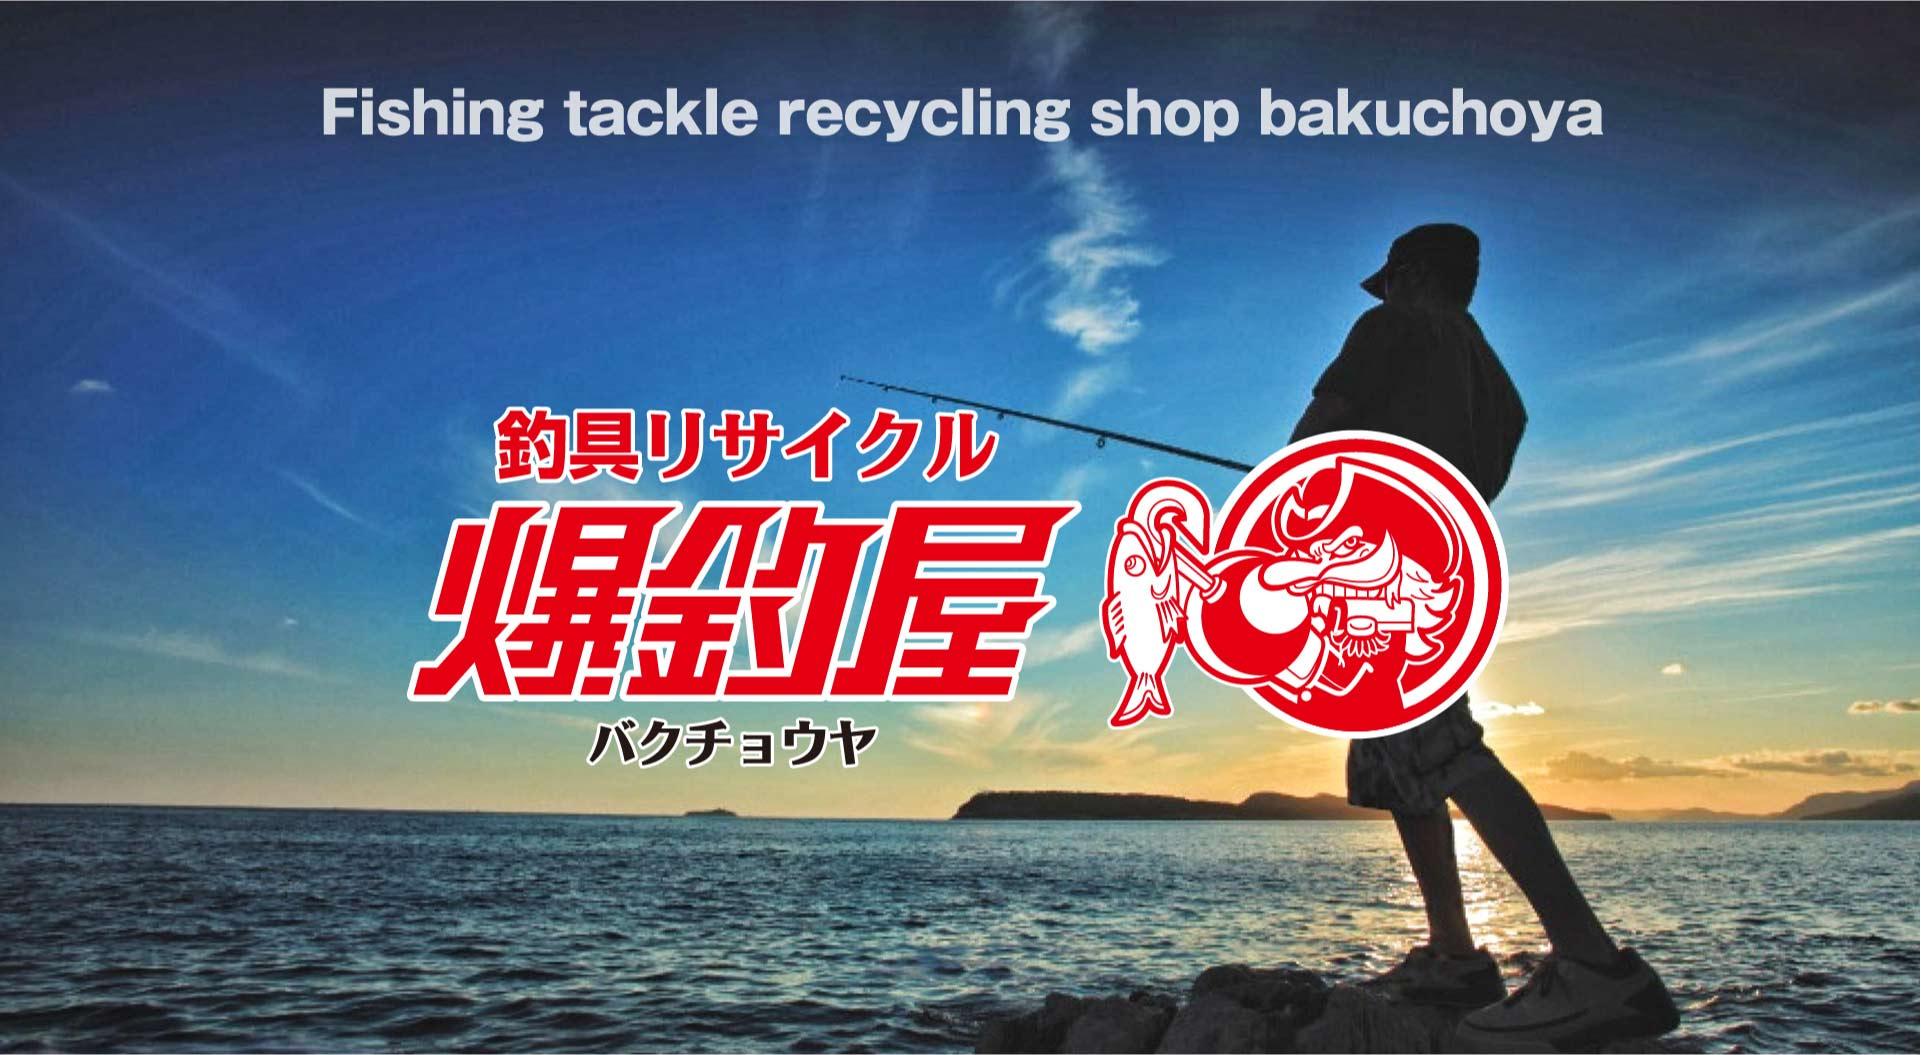 bakuchoya